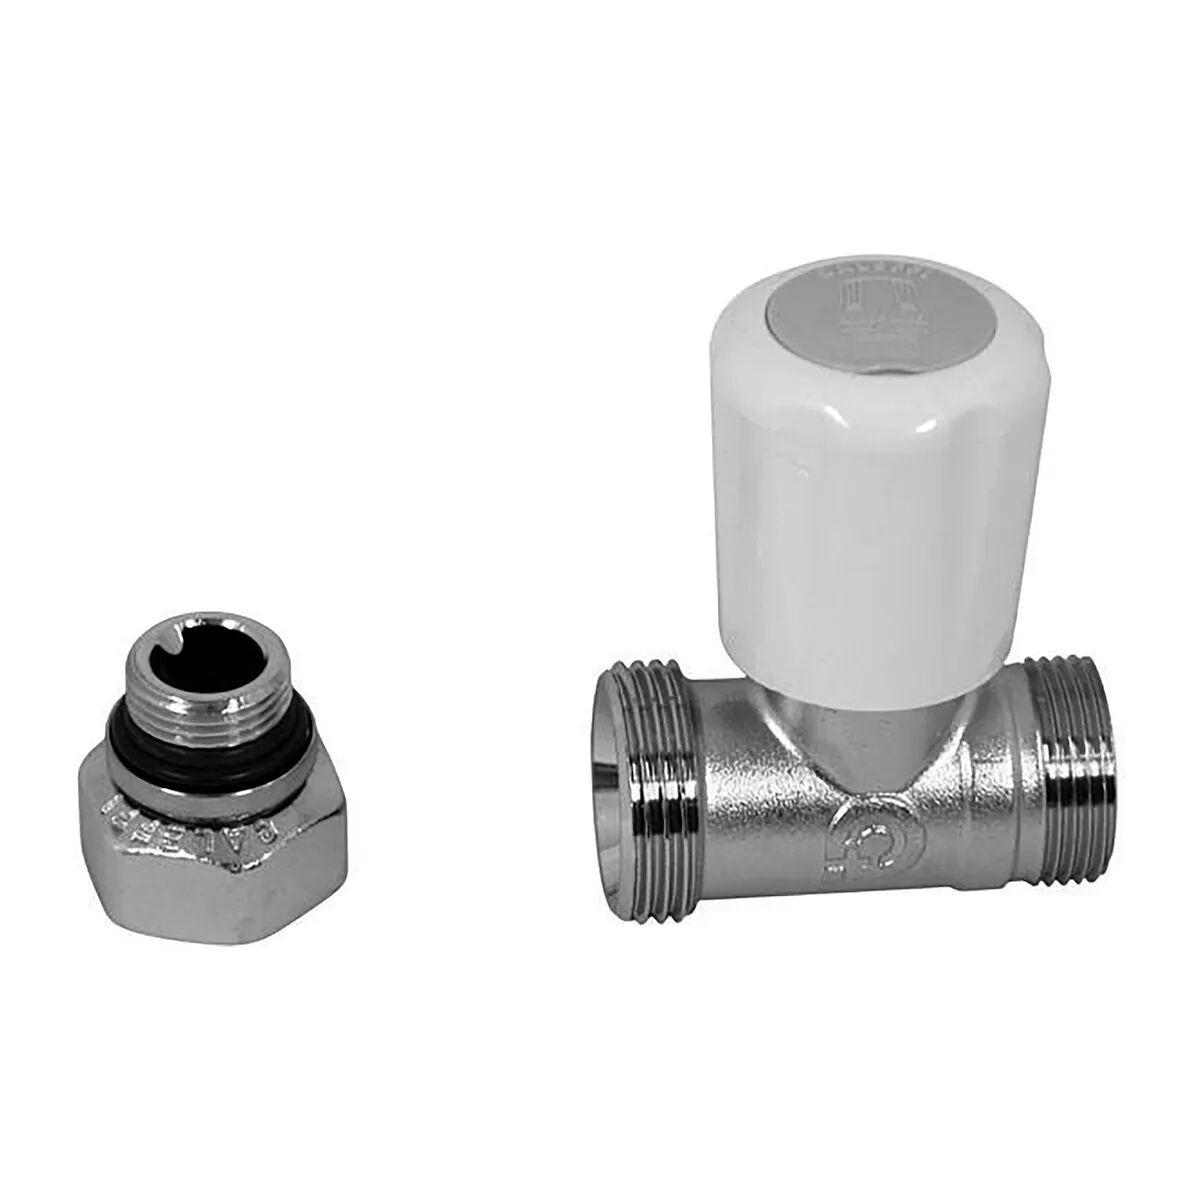 Valvola Termostatizzabile Caleffi Dritta 1/2'' 339402 Tubo Rame / Pex / Multistrato